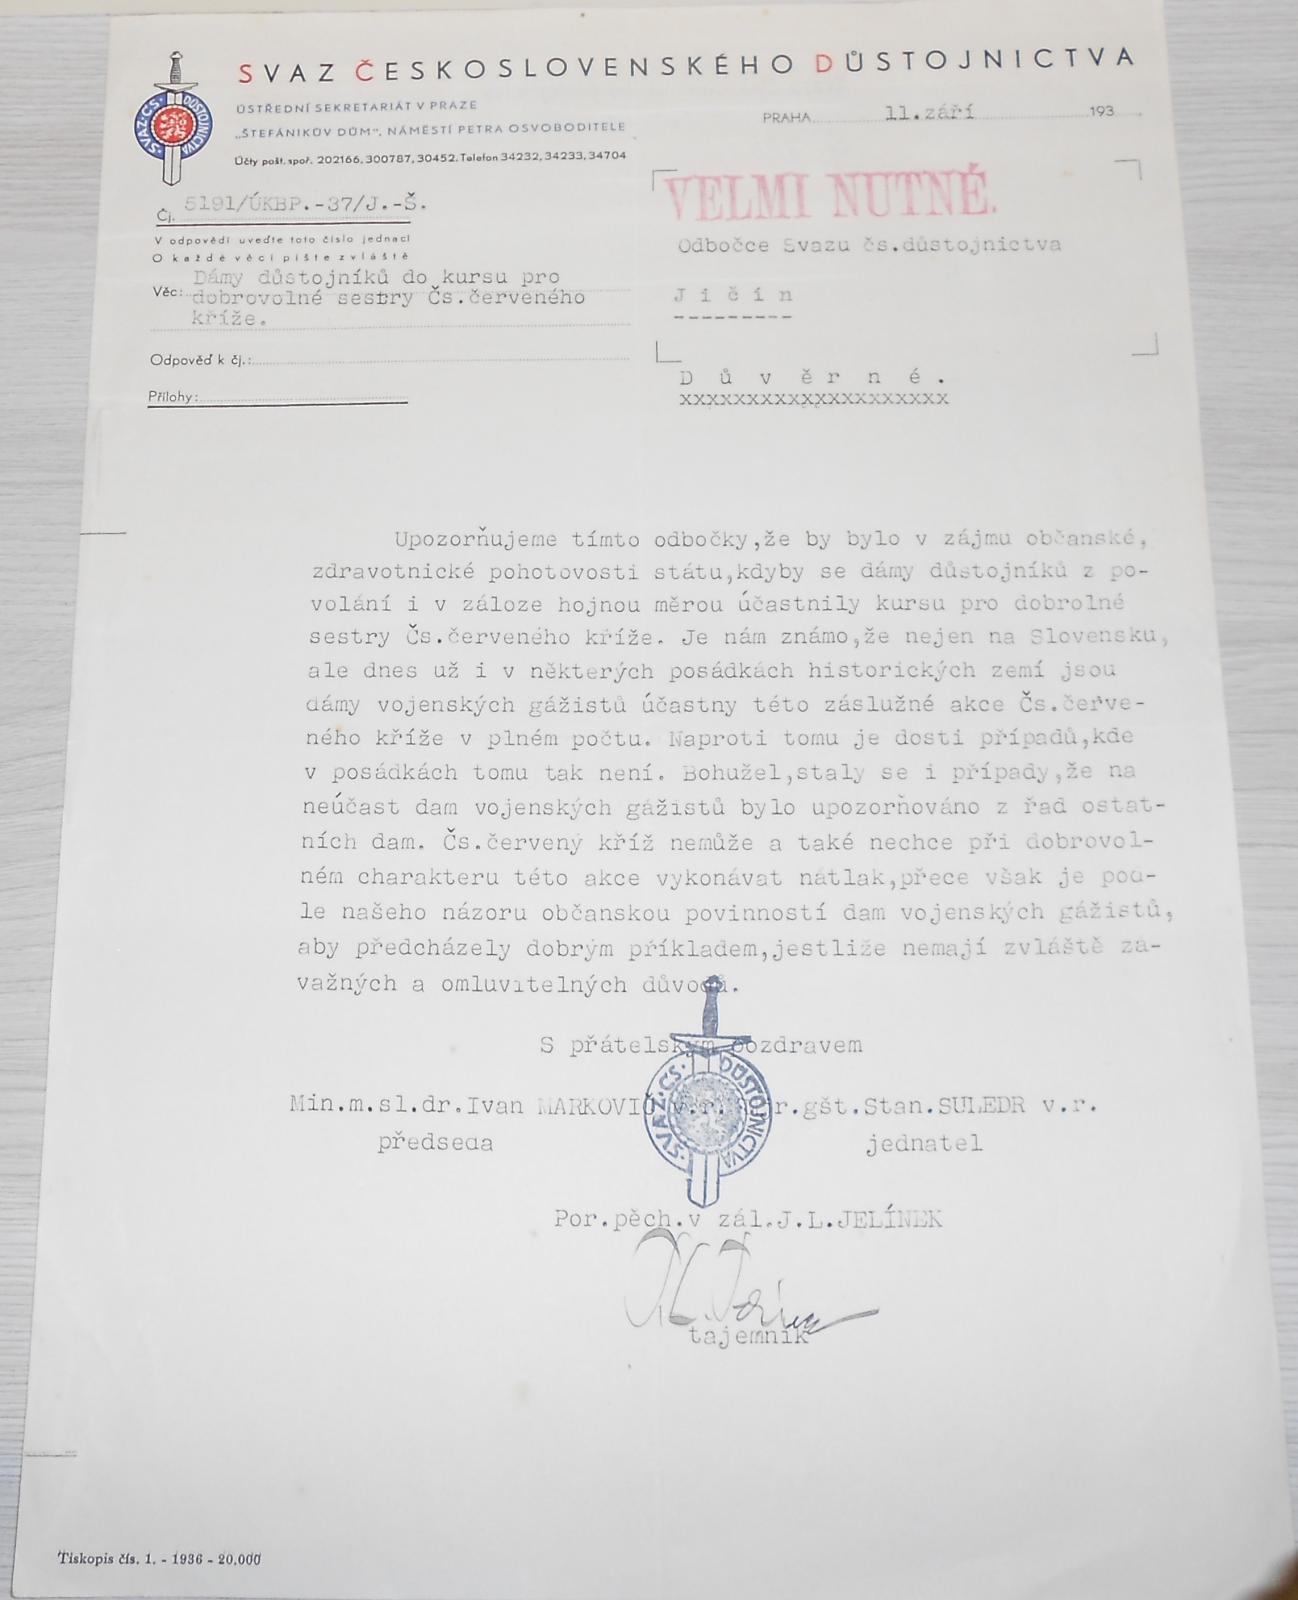 ČSR Svaz československého důstojnictva